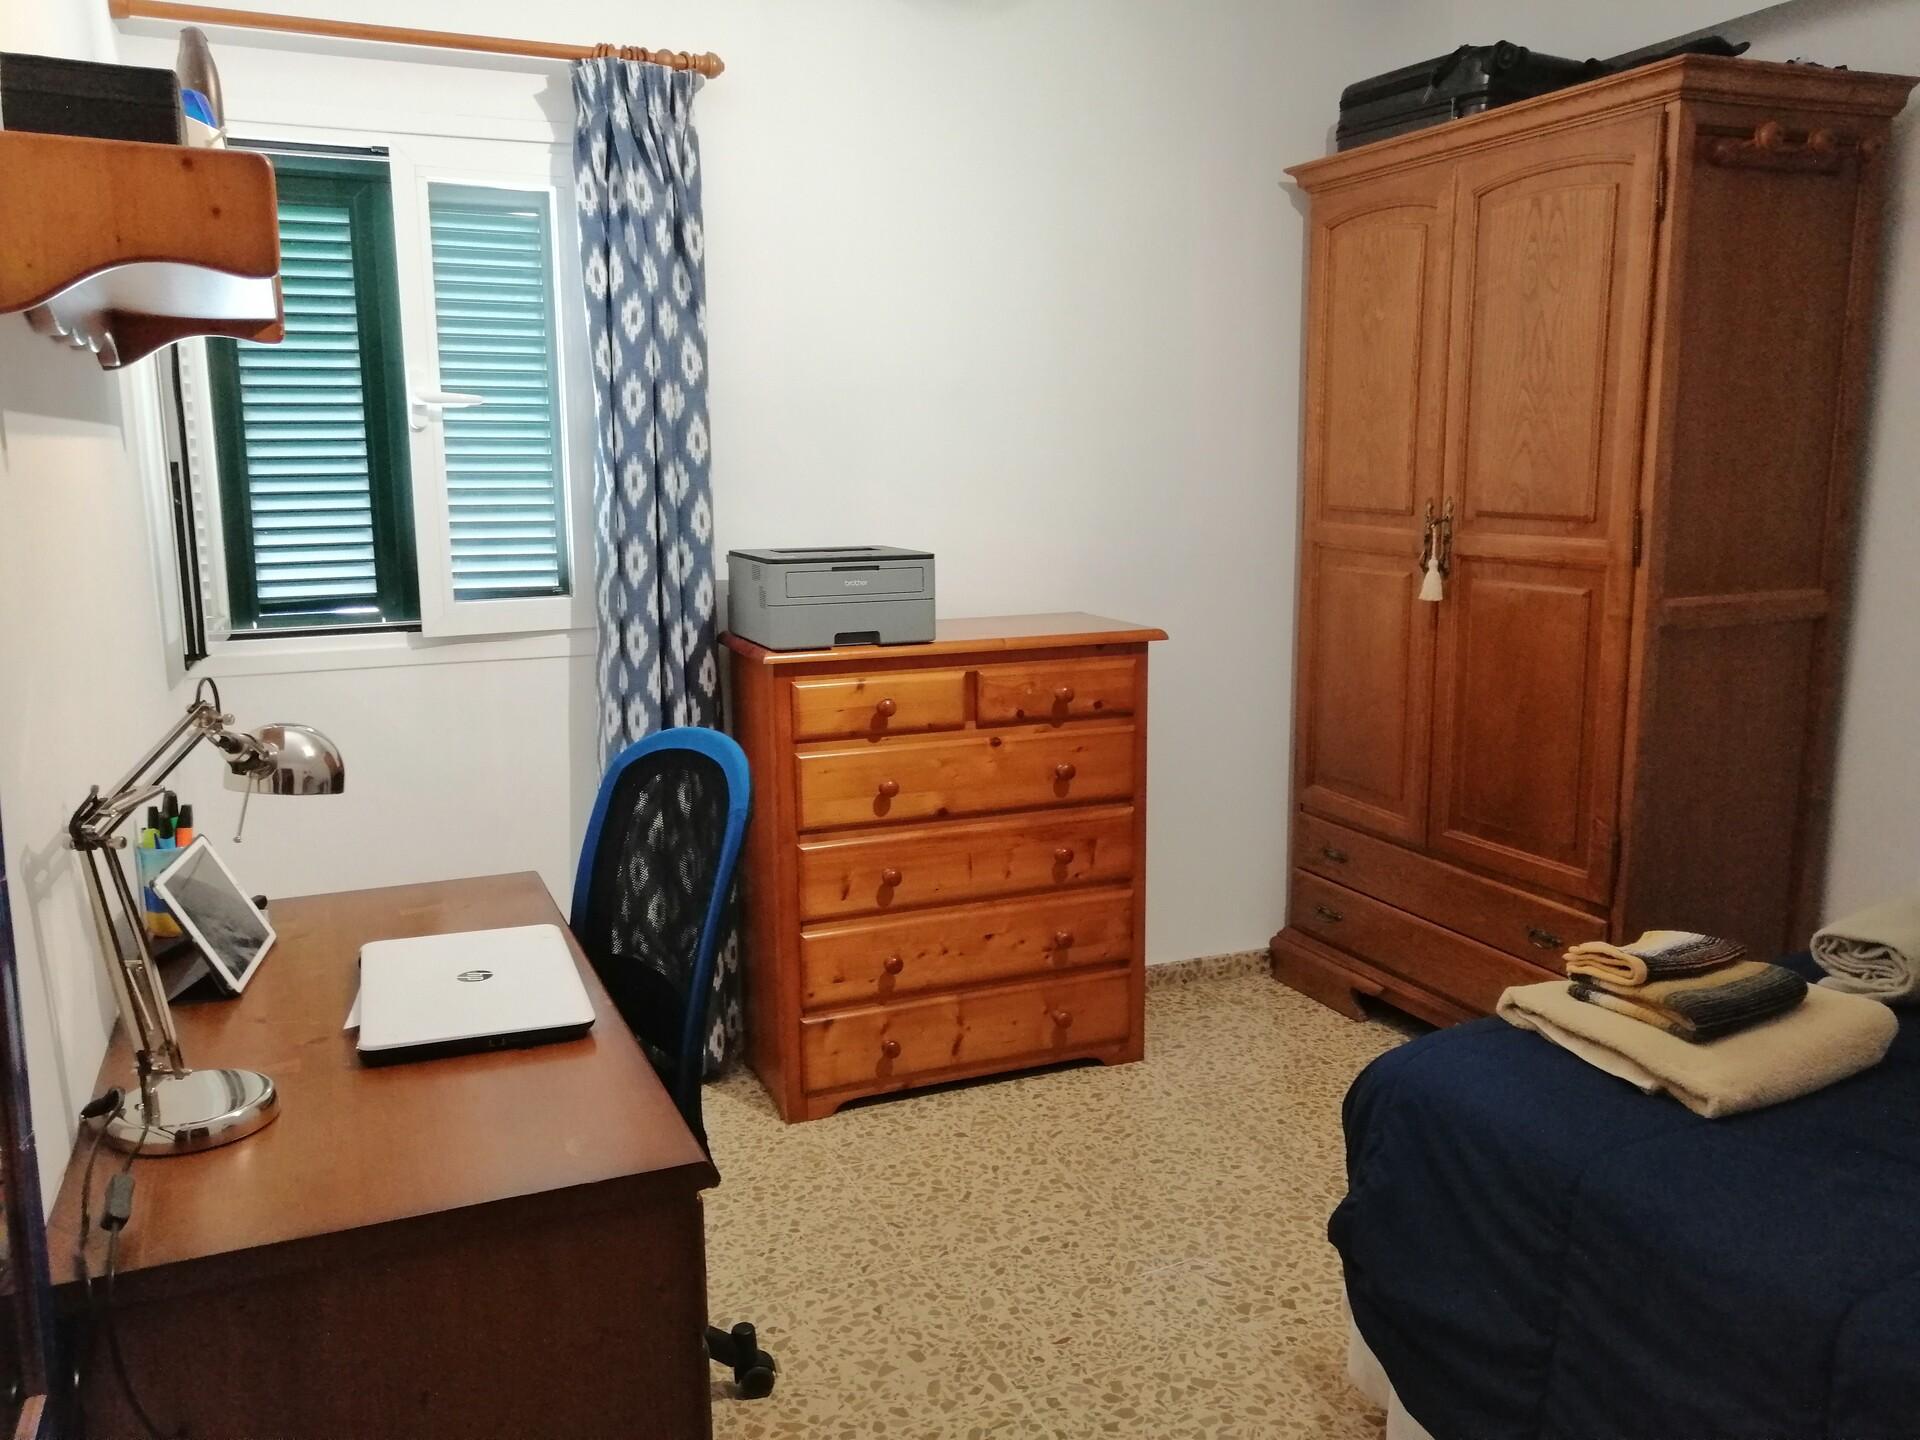 Amplia y cómoda habitación en el centro de Palma